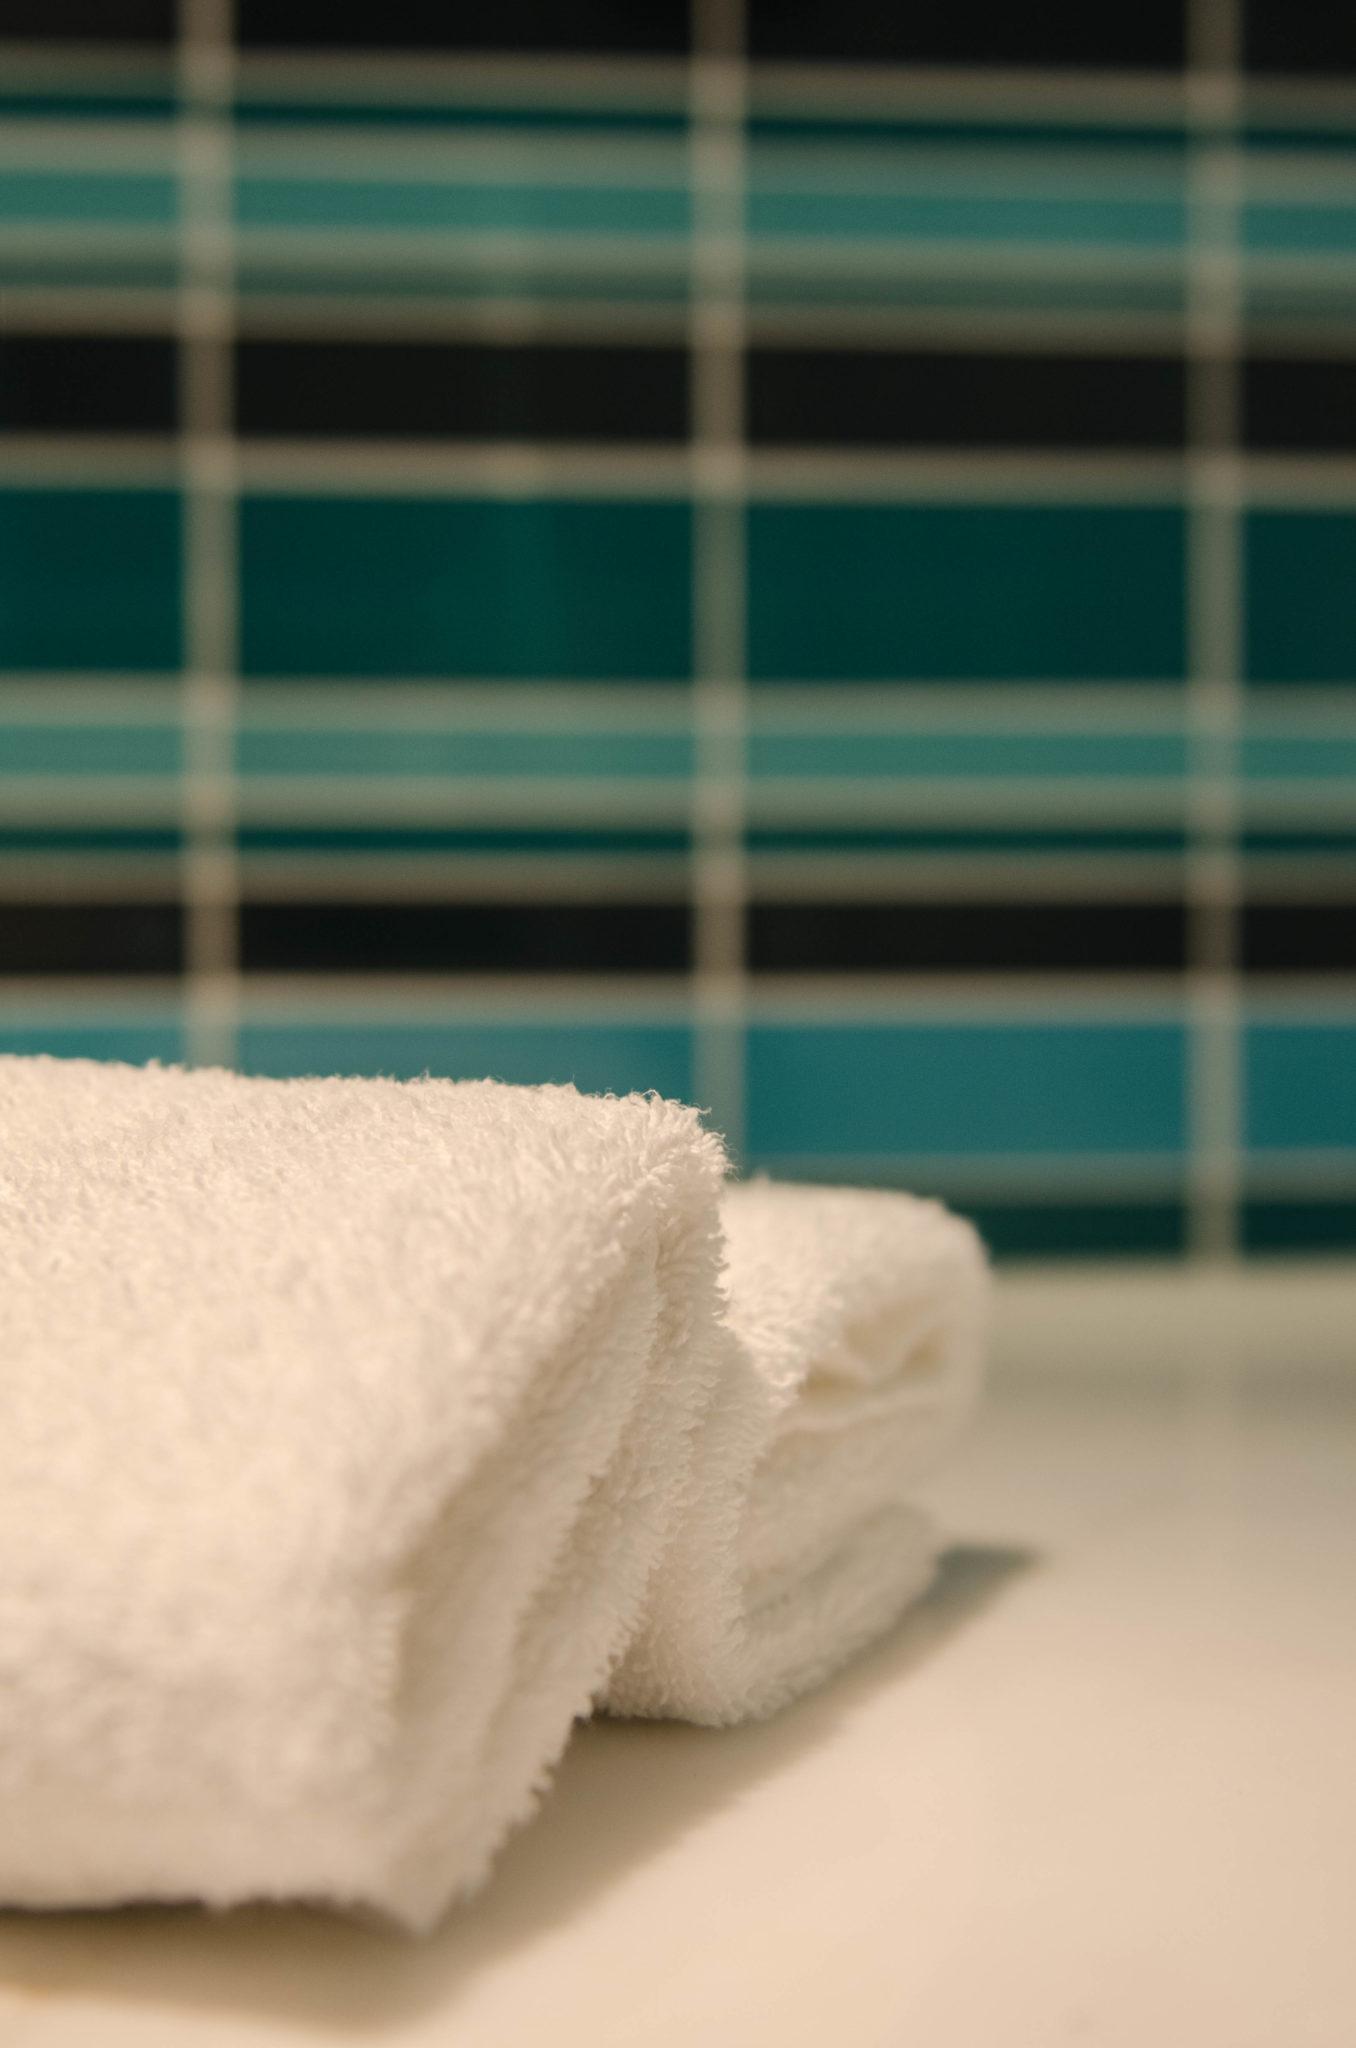 Lanson Place Hotel Hongkong: Die Badezimmer sind in grün und blau gehalten